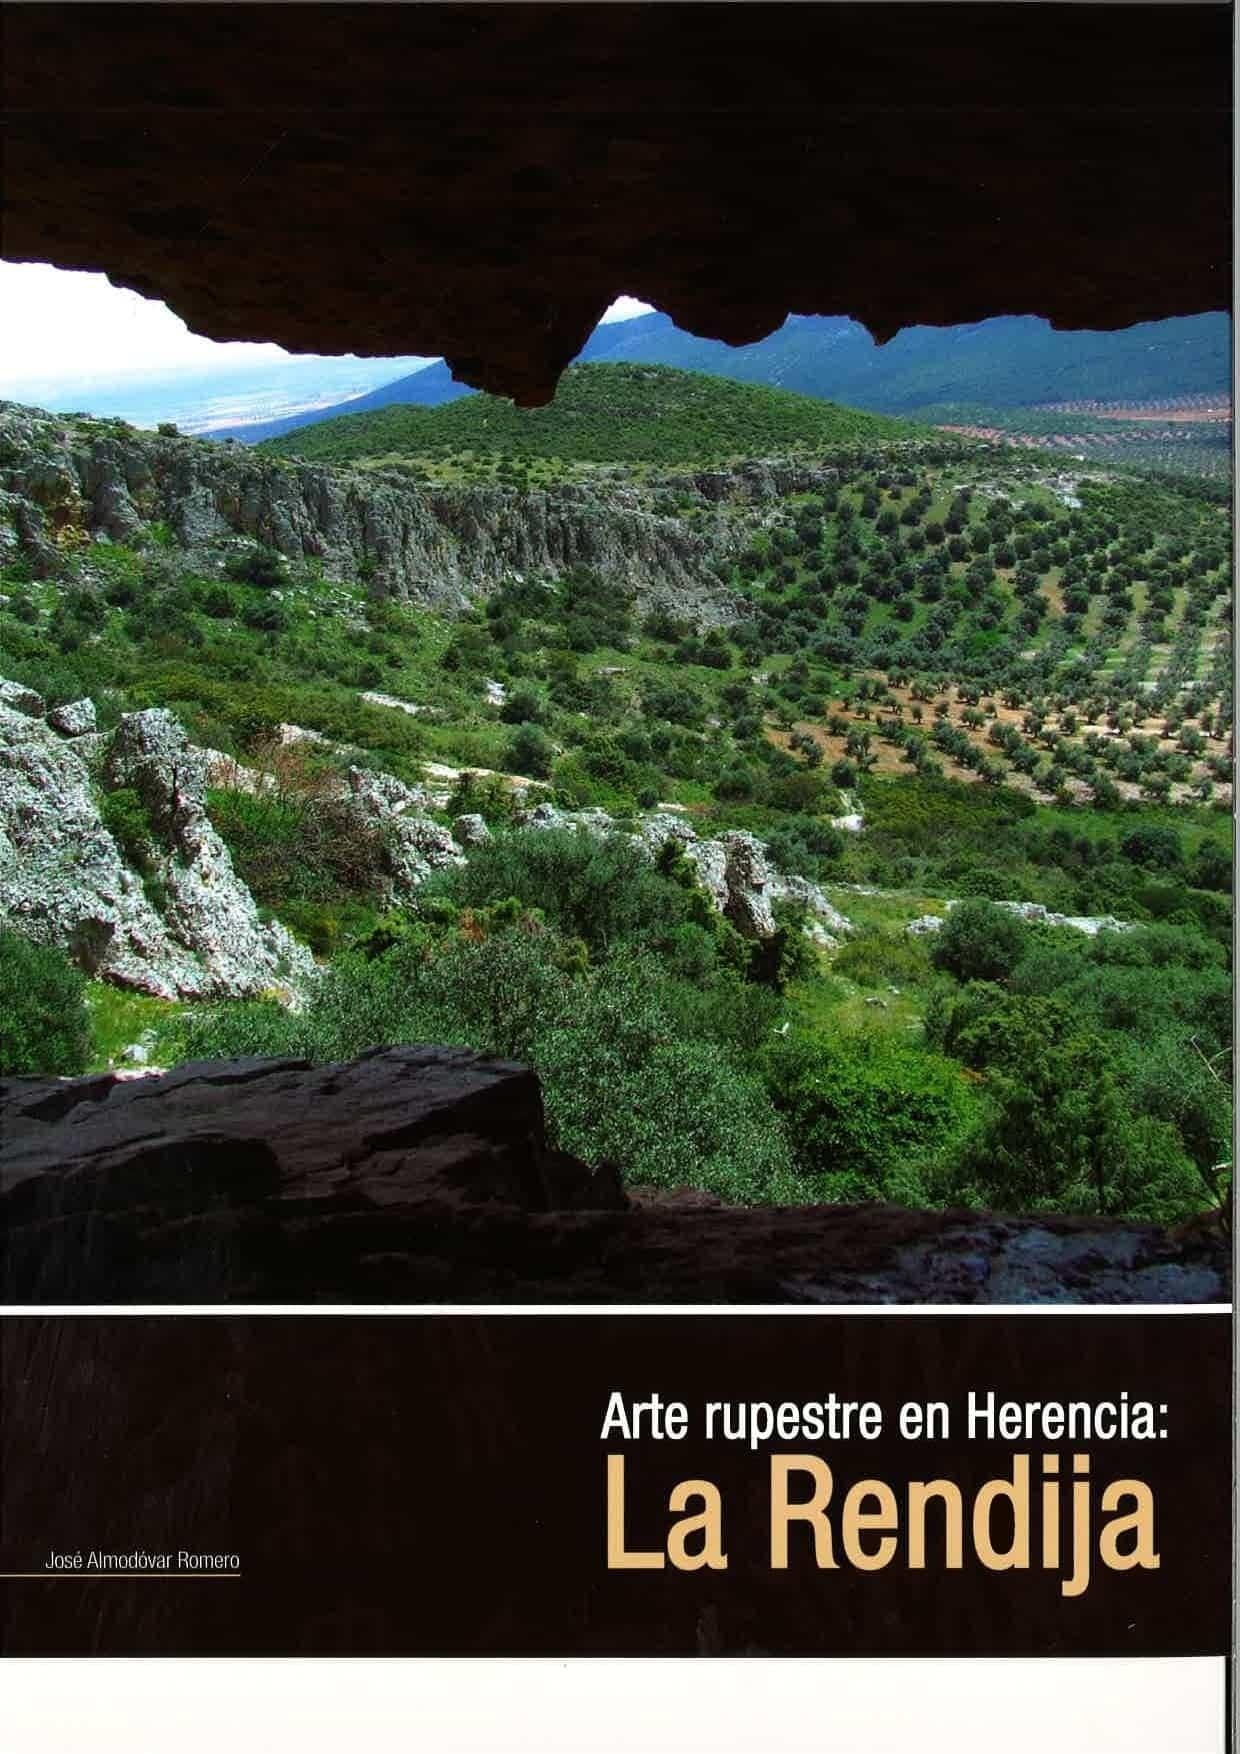 """Herencia celebró el Día Europeo del Arte Rupestre con """"La Rendija"""" 52"""